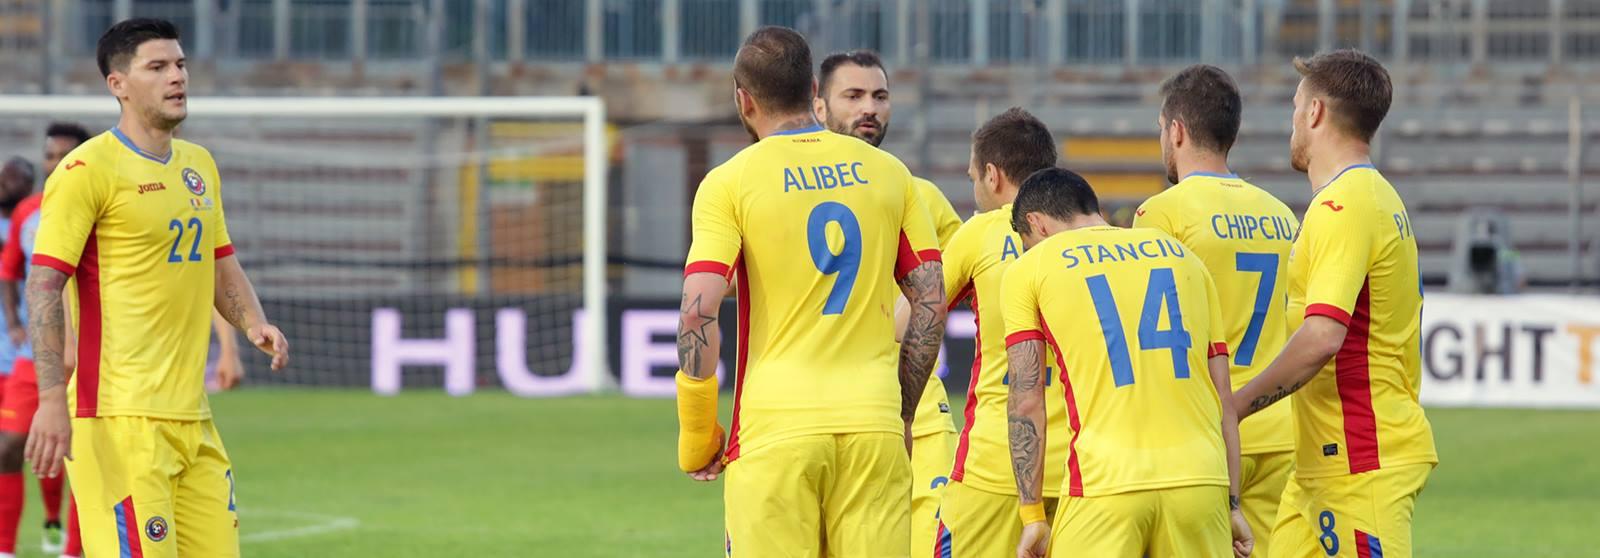 Romania fotbal 2016